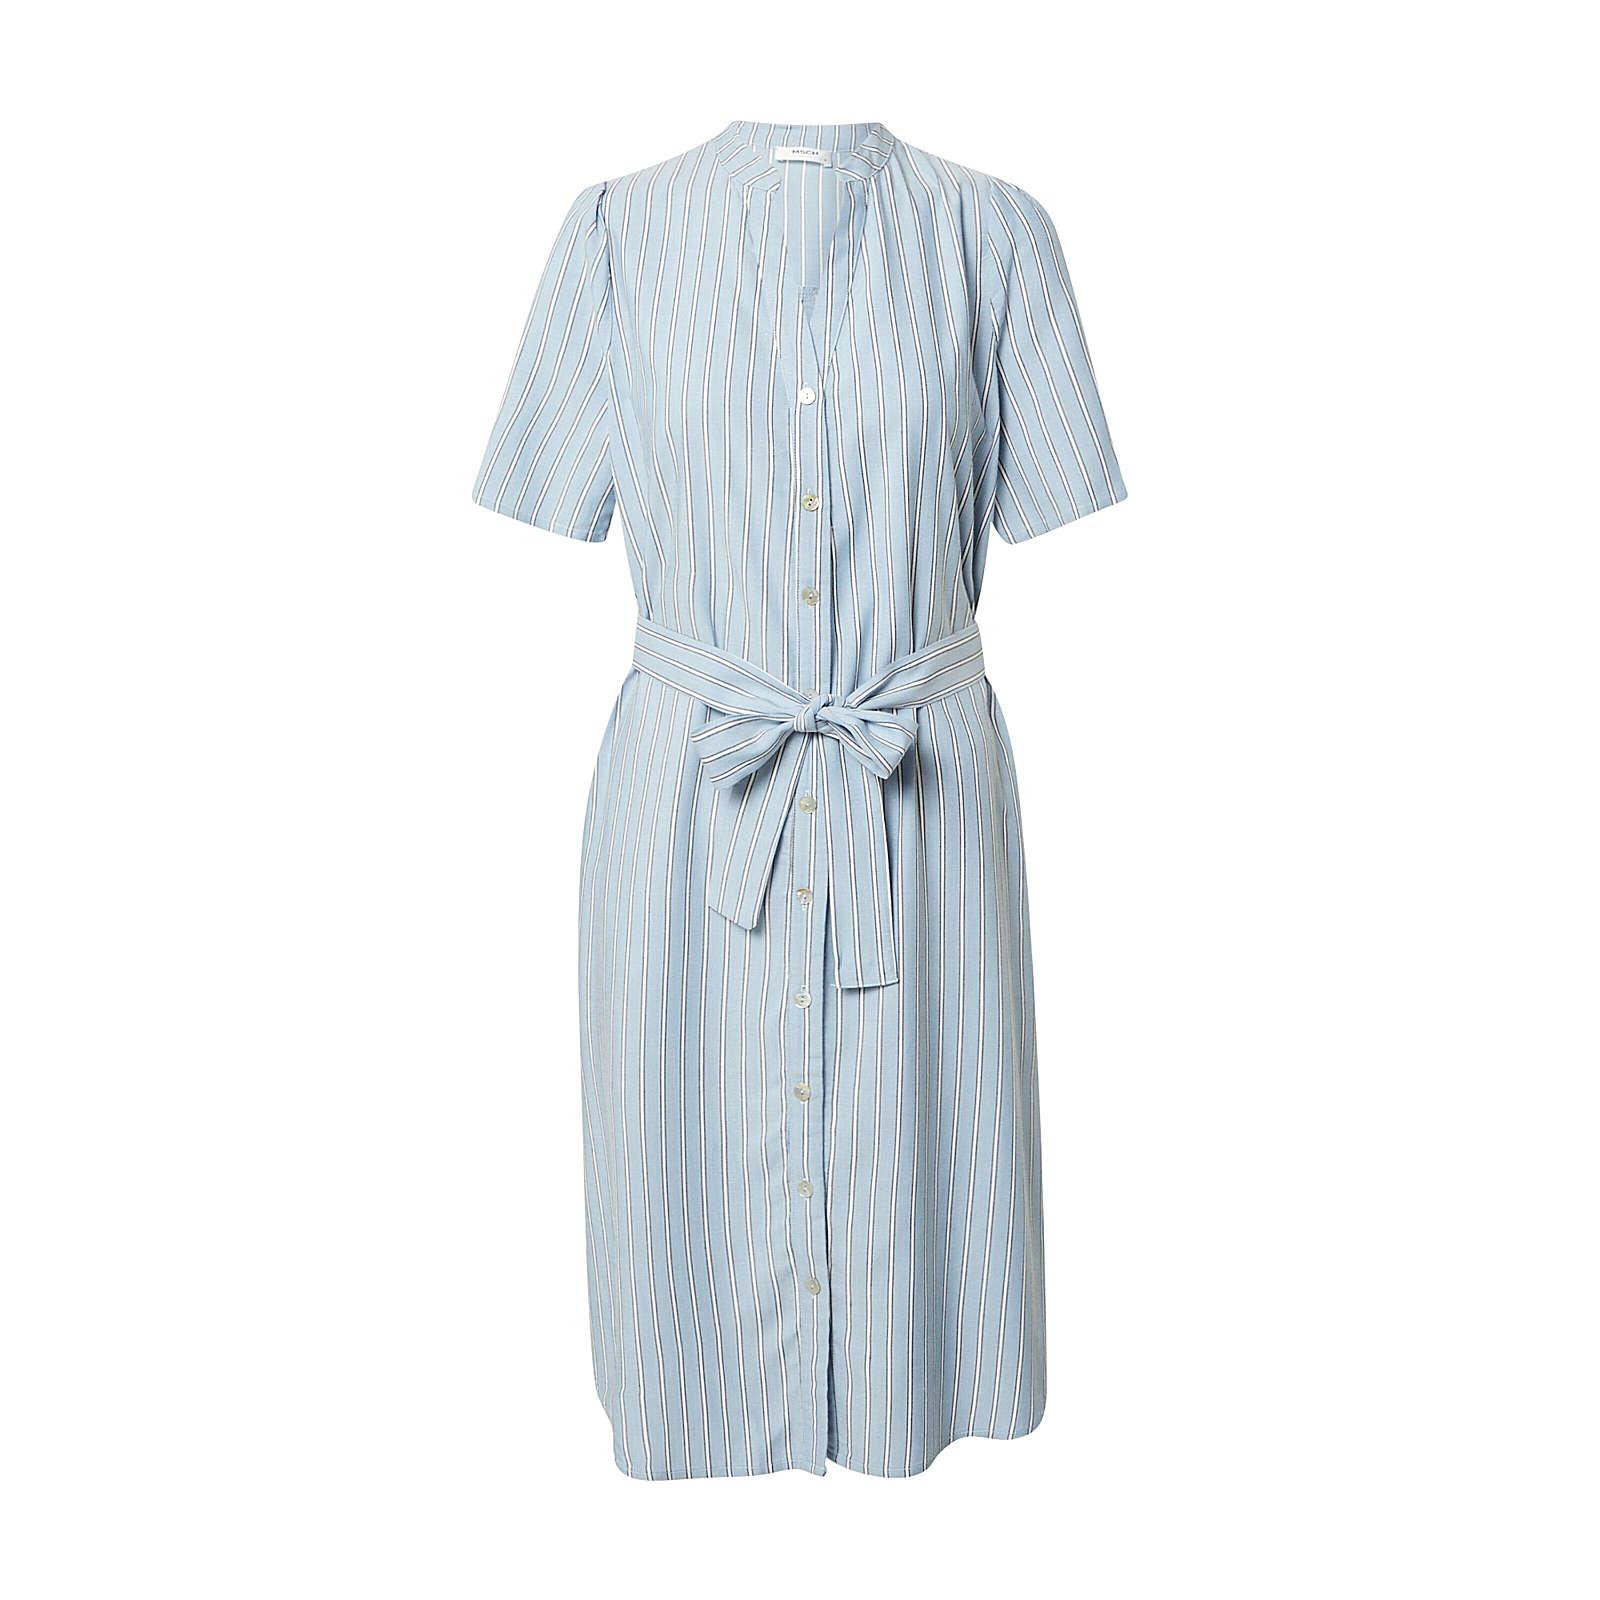 MOSS COPENHAGEN blusenkleid makita Blusenkleider blau Damen Gr. 36